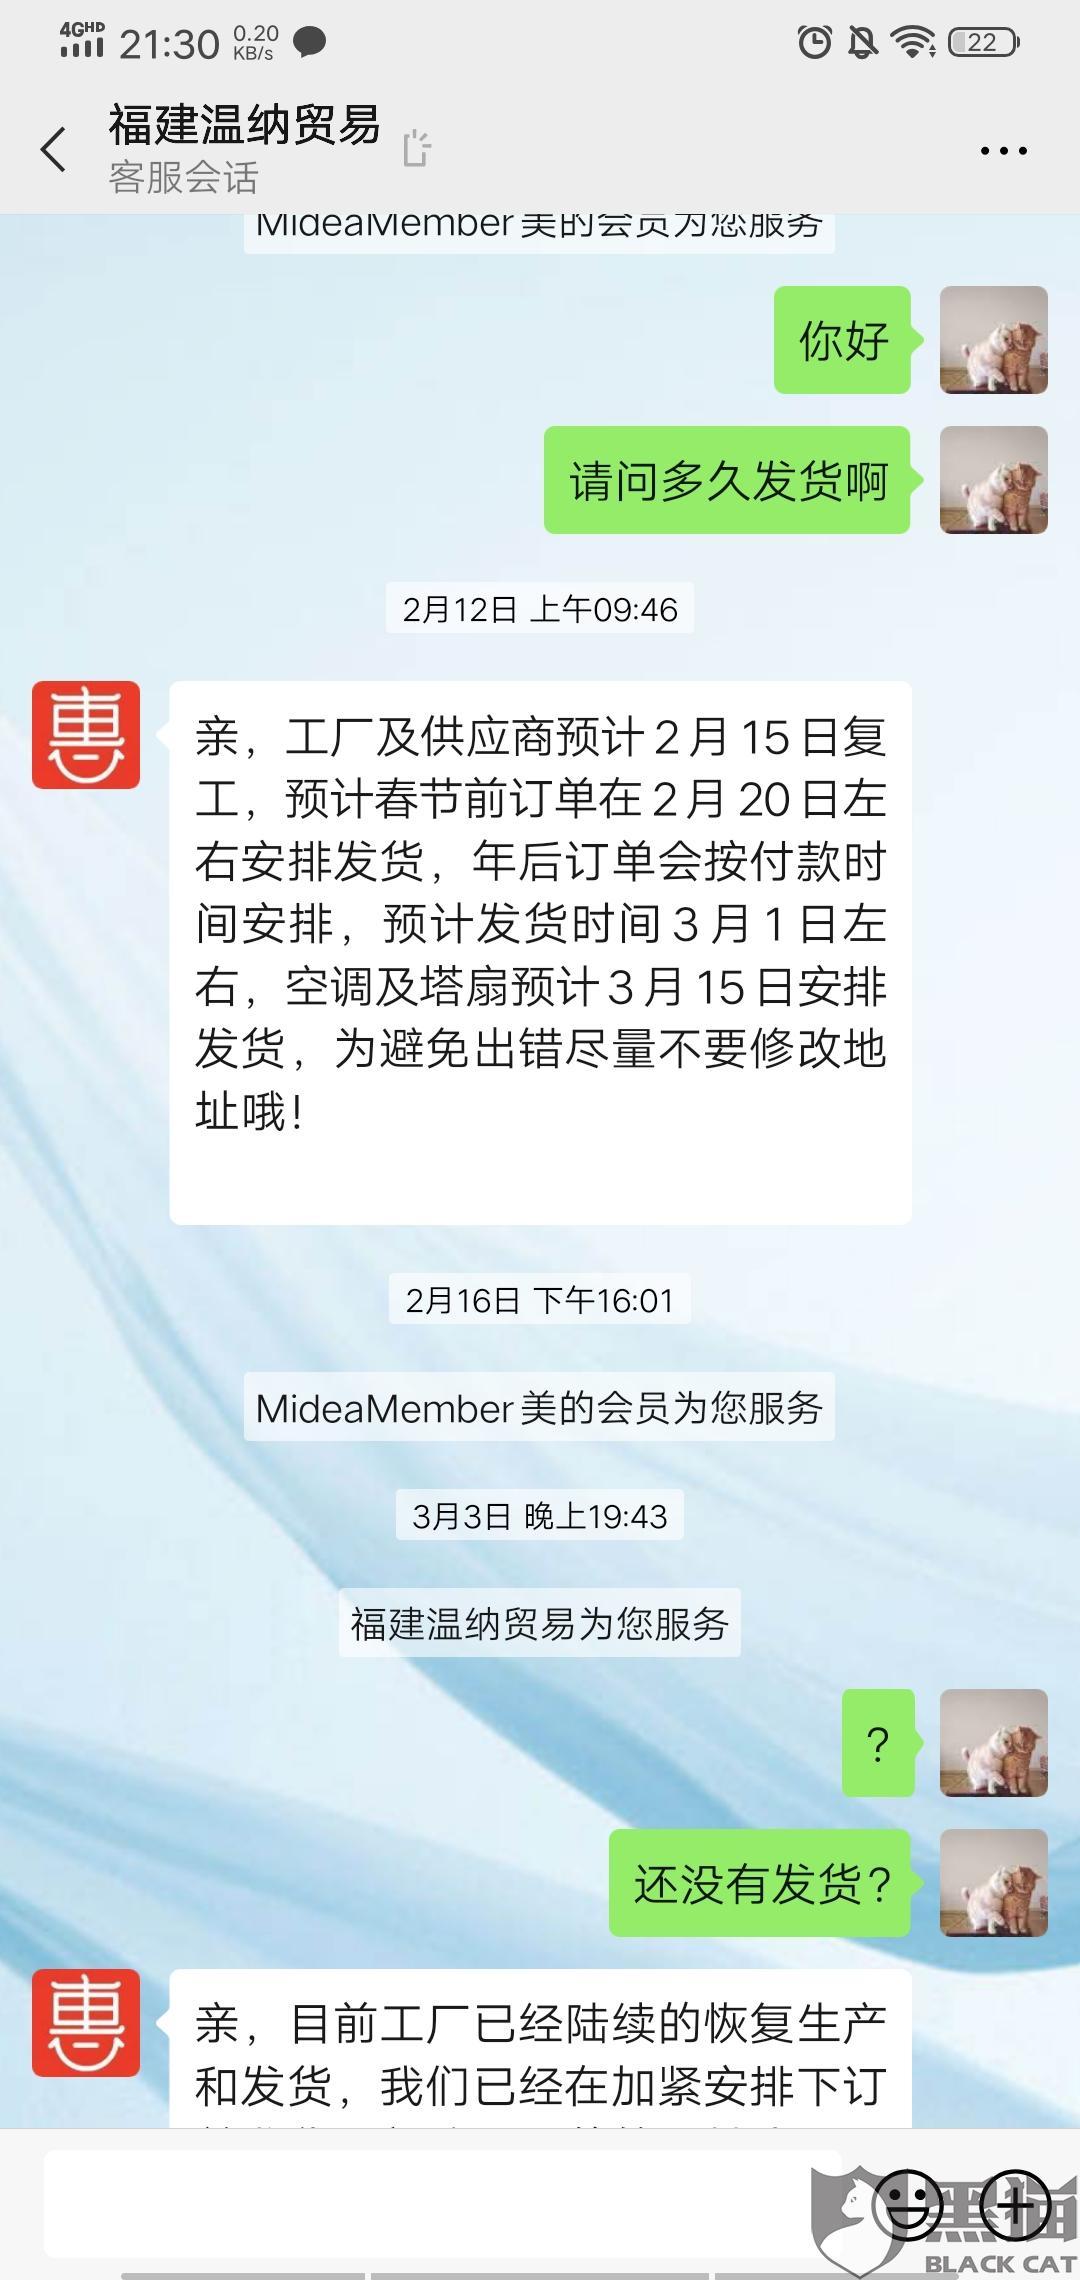 黑猫投诉:福建温纳贸易公司,微信小程序温纳贸易逾期不发货!虚假发货